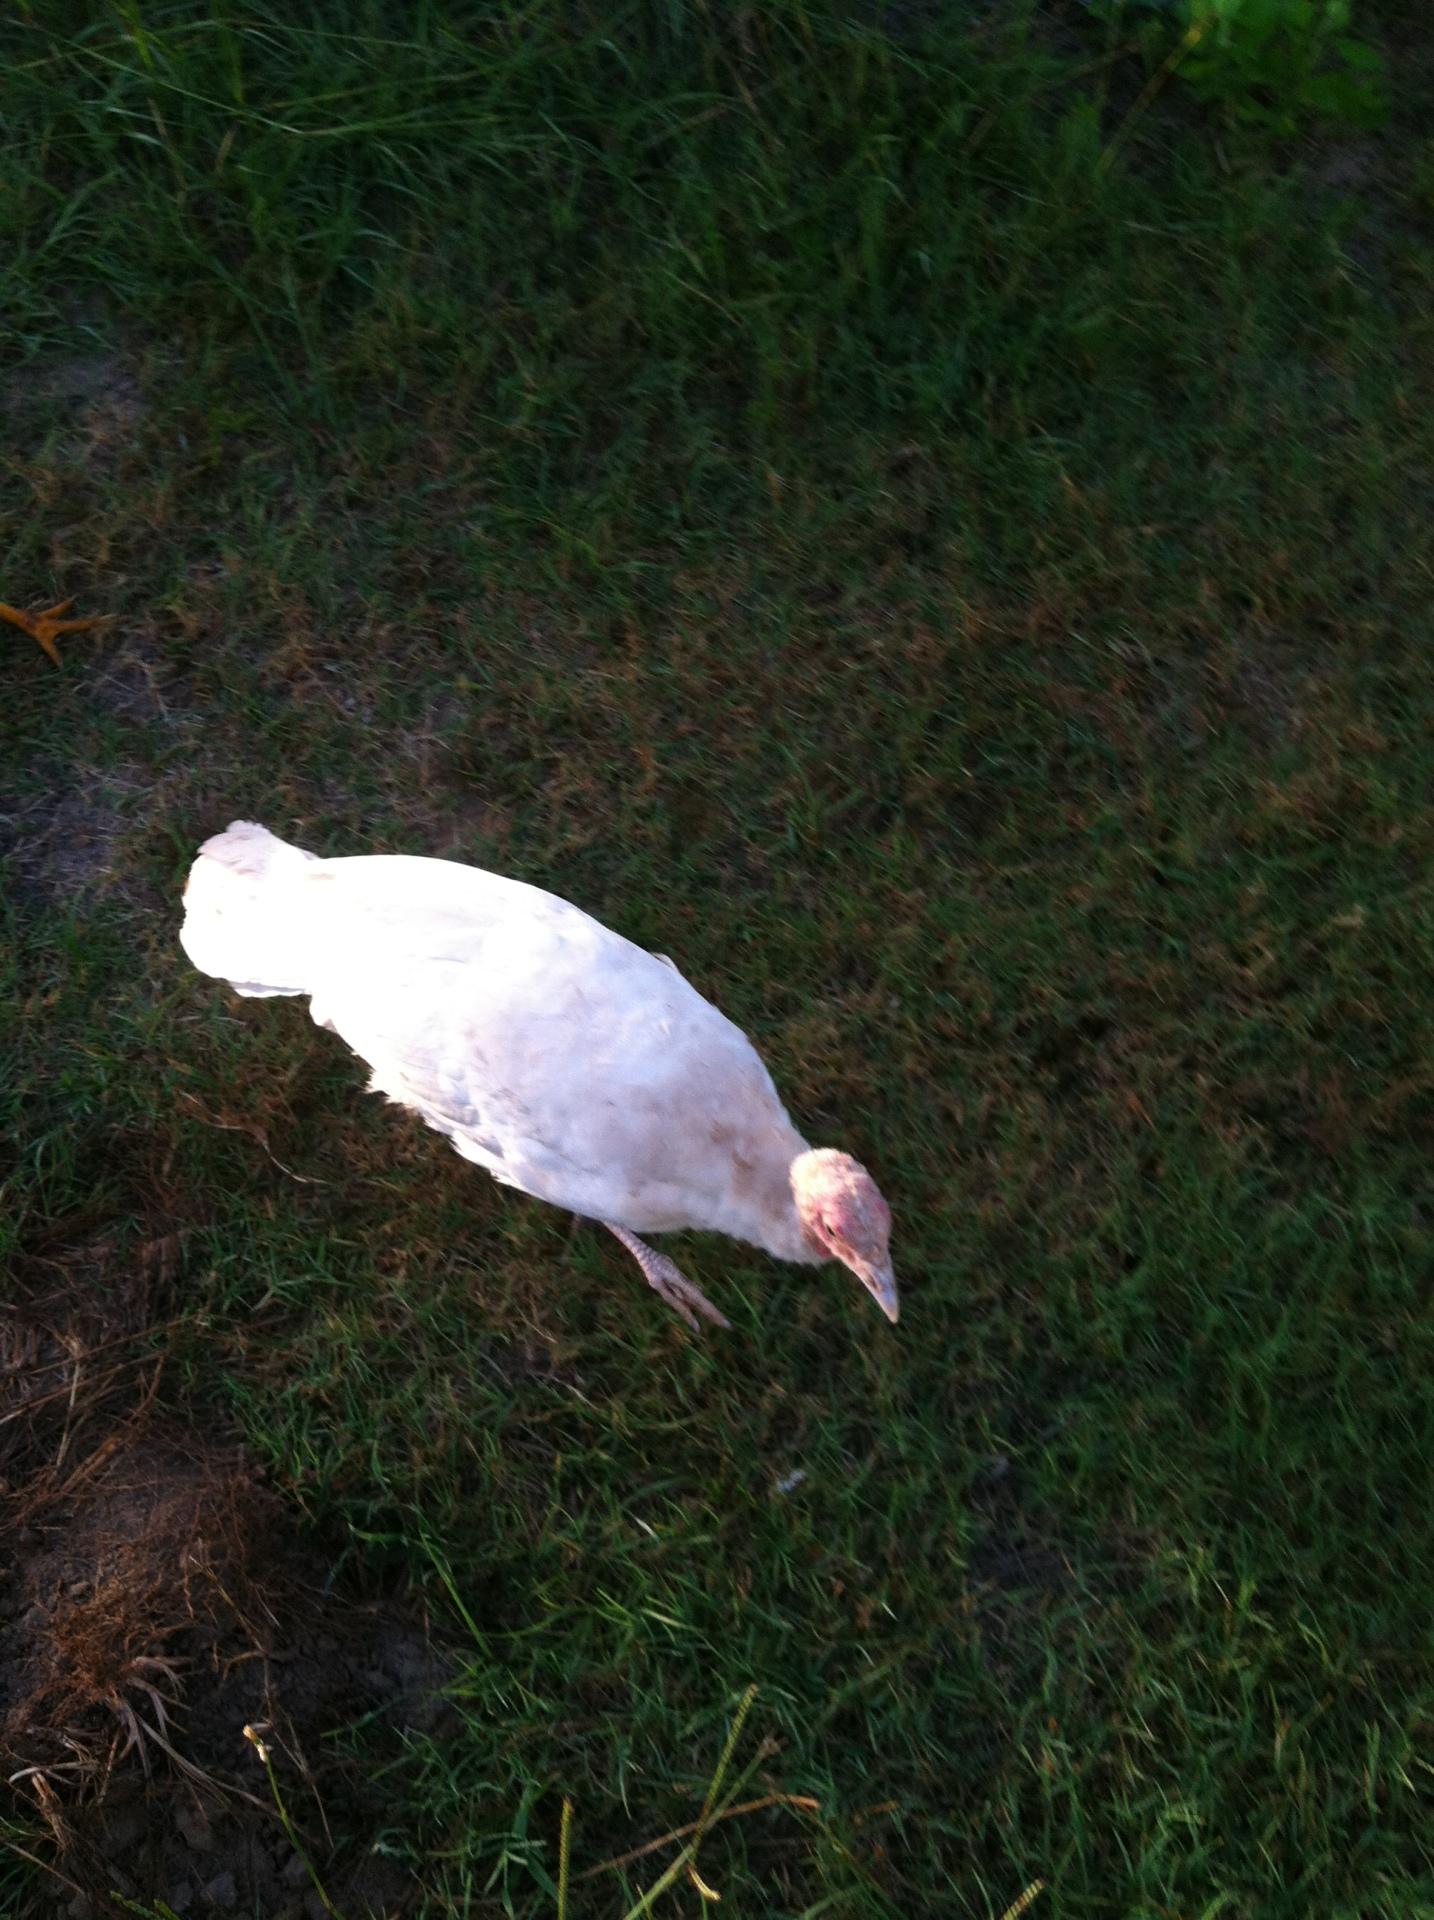 midget white turkeys,